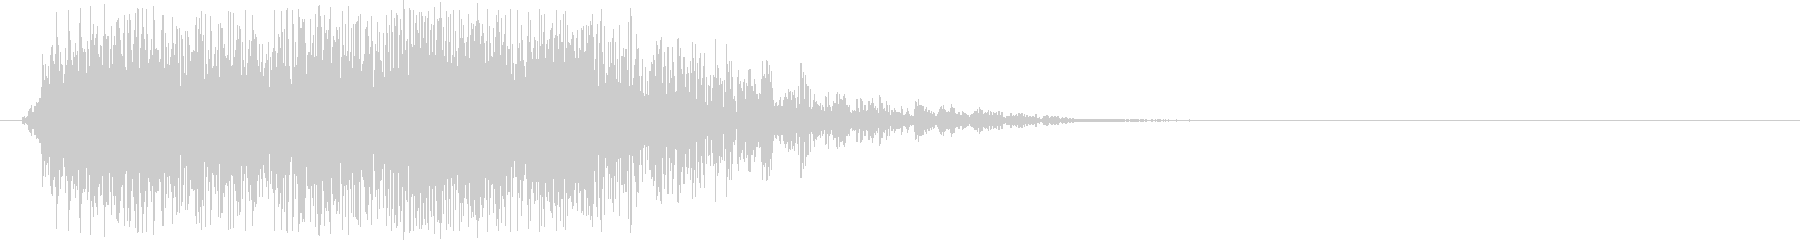 生音ブラス(金管楽器)による効果音の未再生の波形